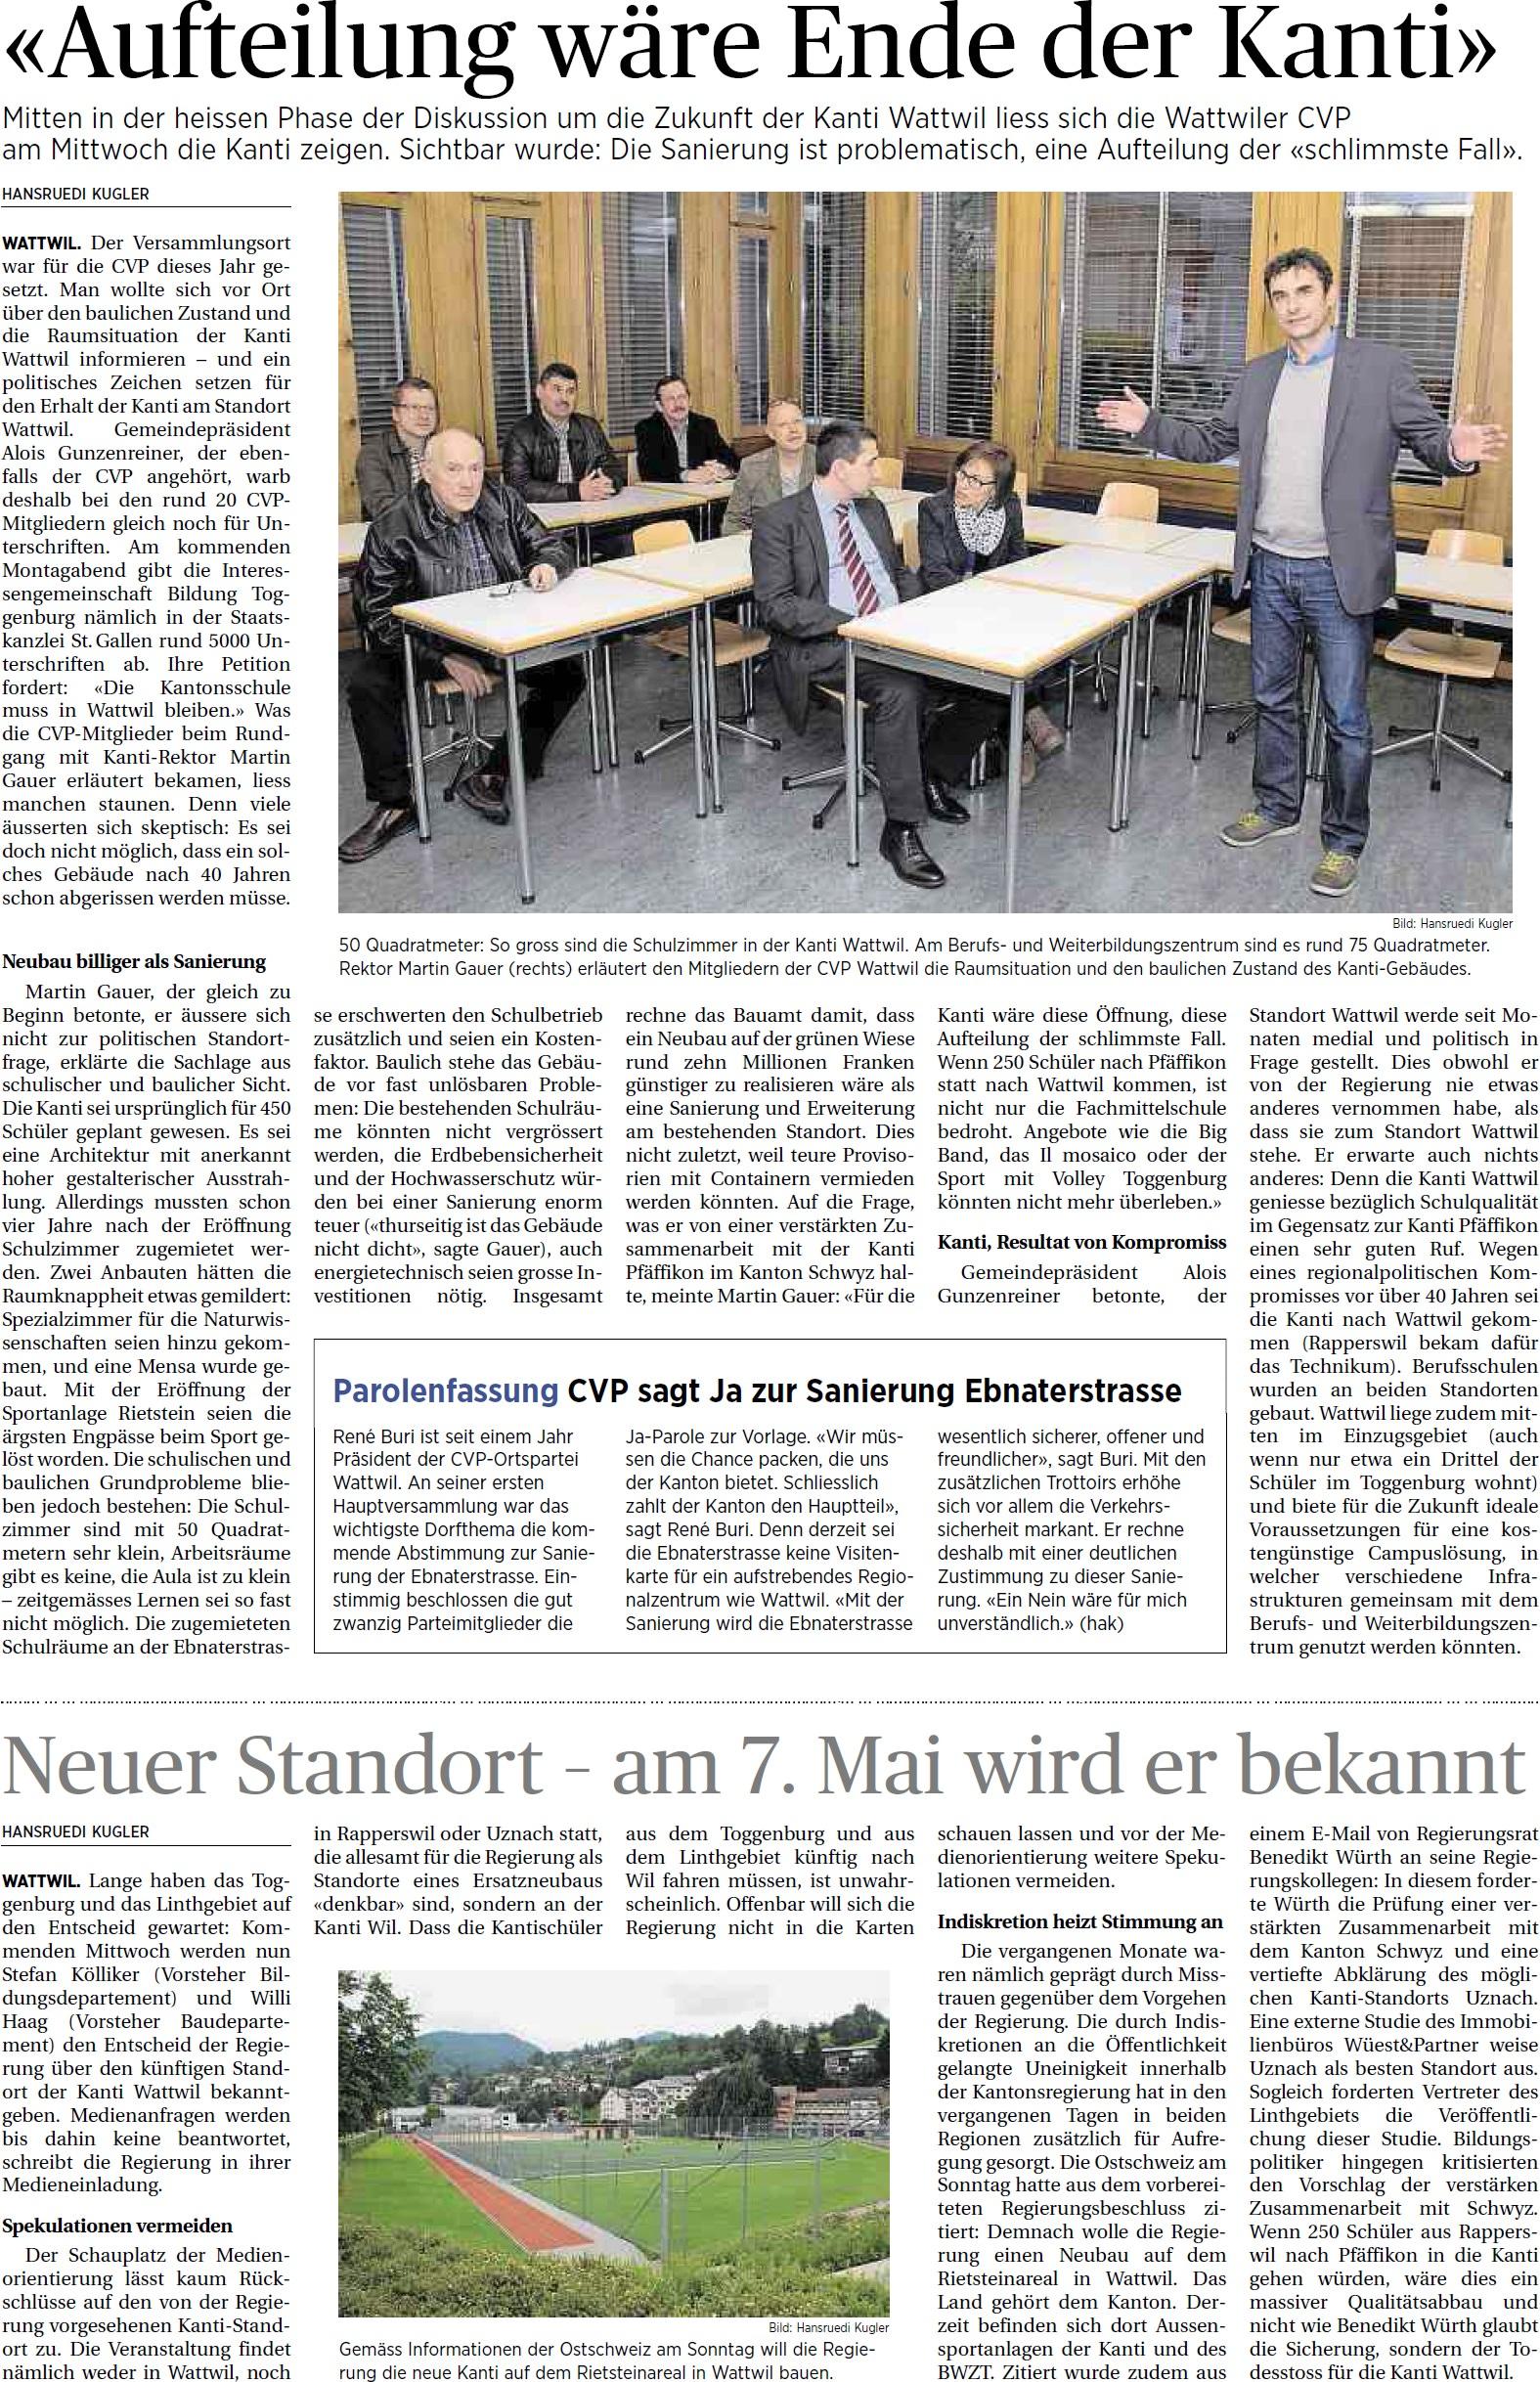 «Aufteilung wäre Ende der Kanti» (Freitag, 02.05.2014)